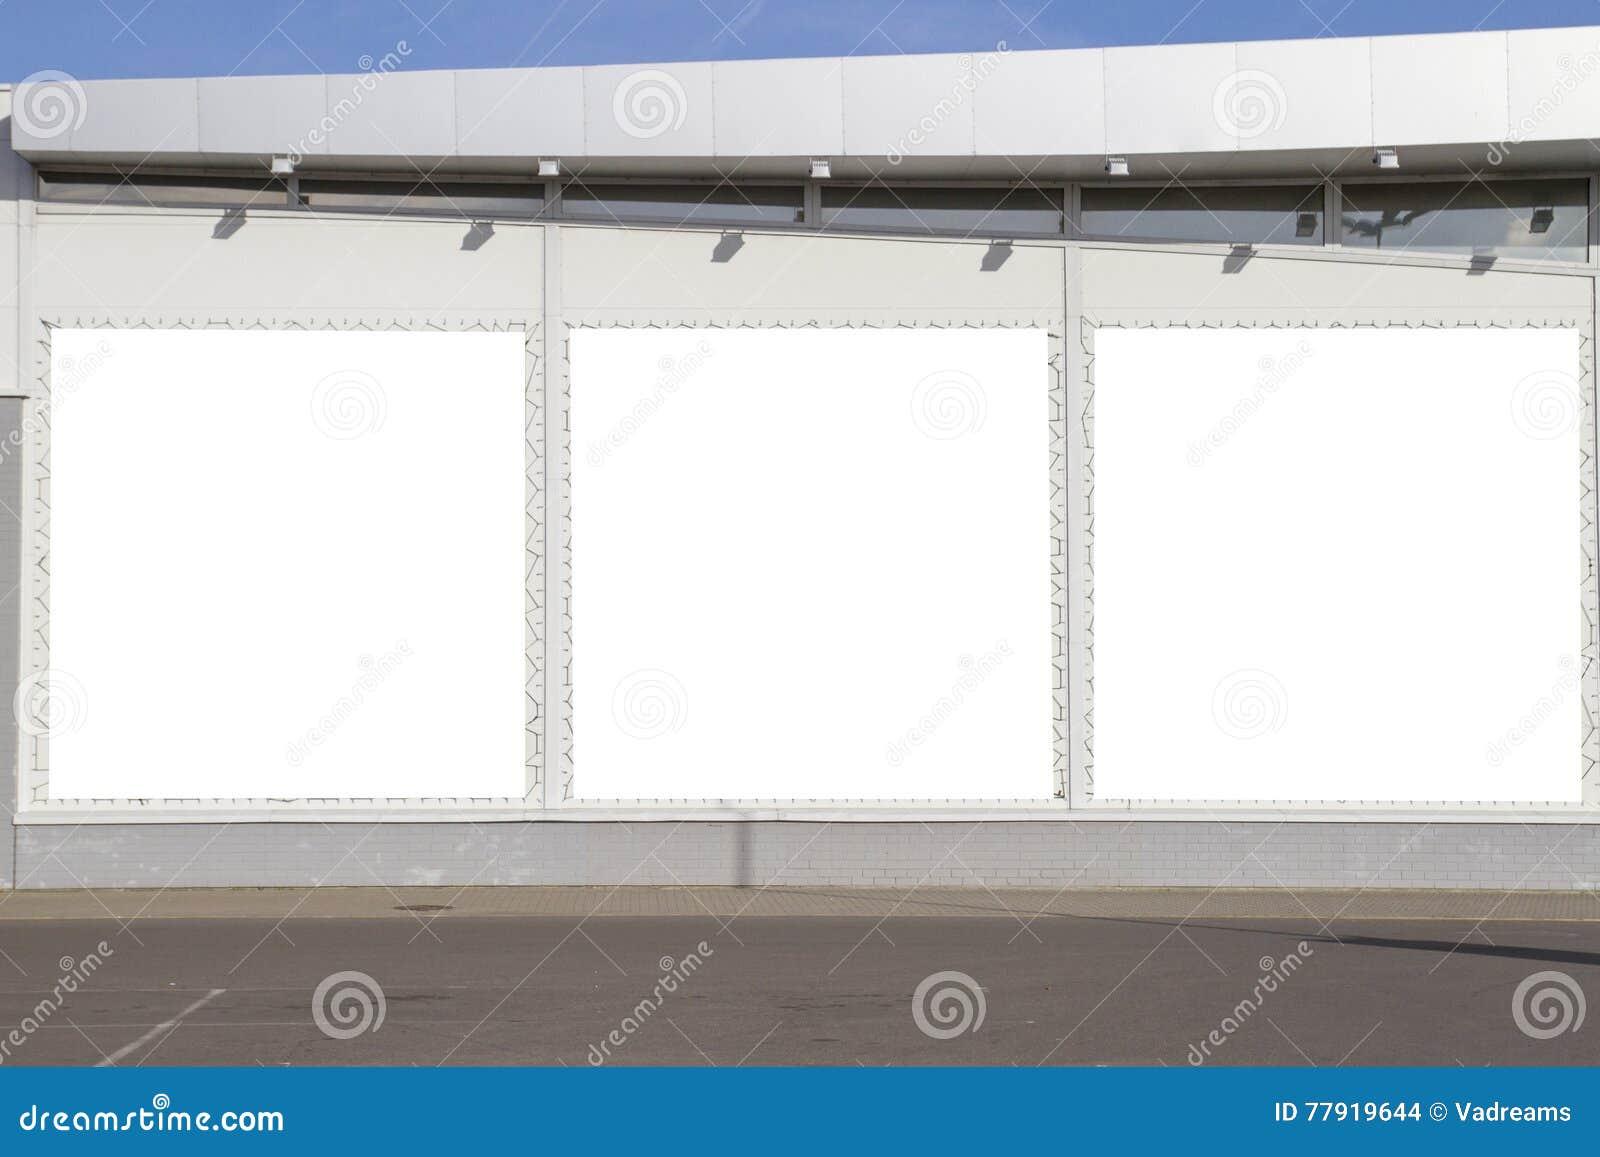 Χλεύη επάνω Υπαίθρια διαφήμιση, κενοί πίνακες διαφημίσεων υπαίθρια στο κατάστημα ή τον τοίχο υπεραγορών